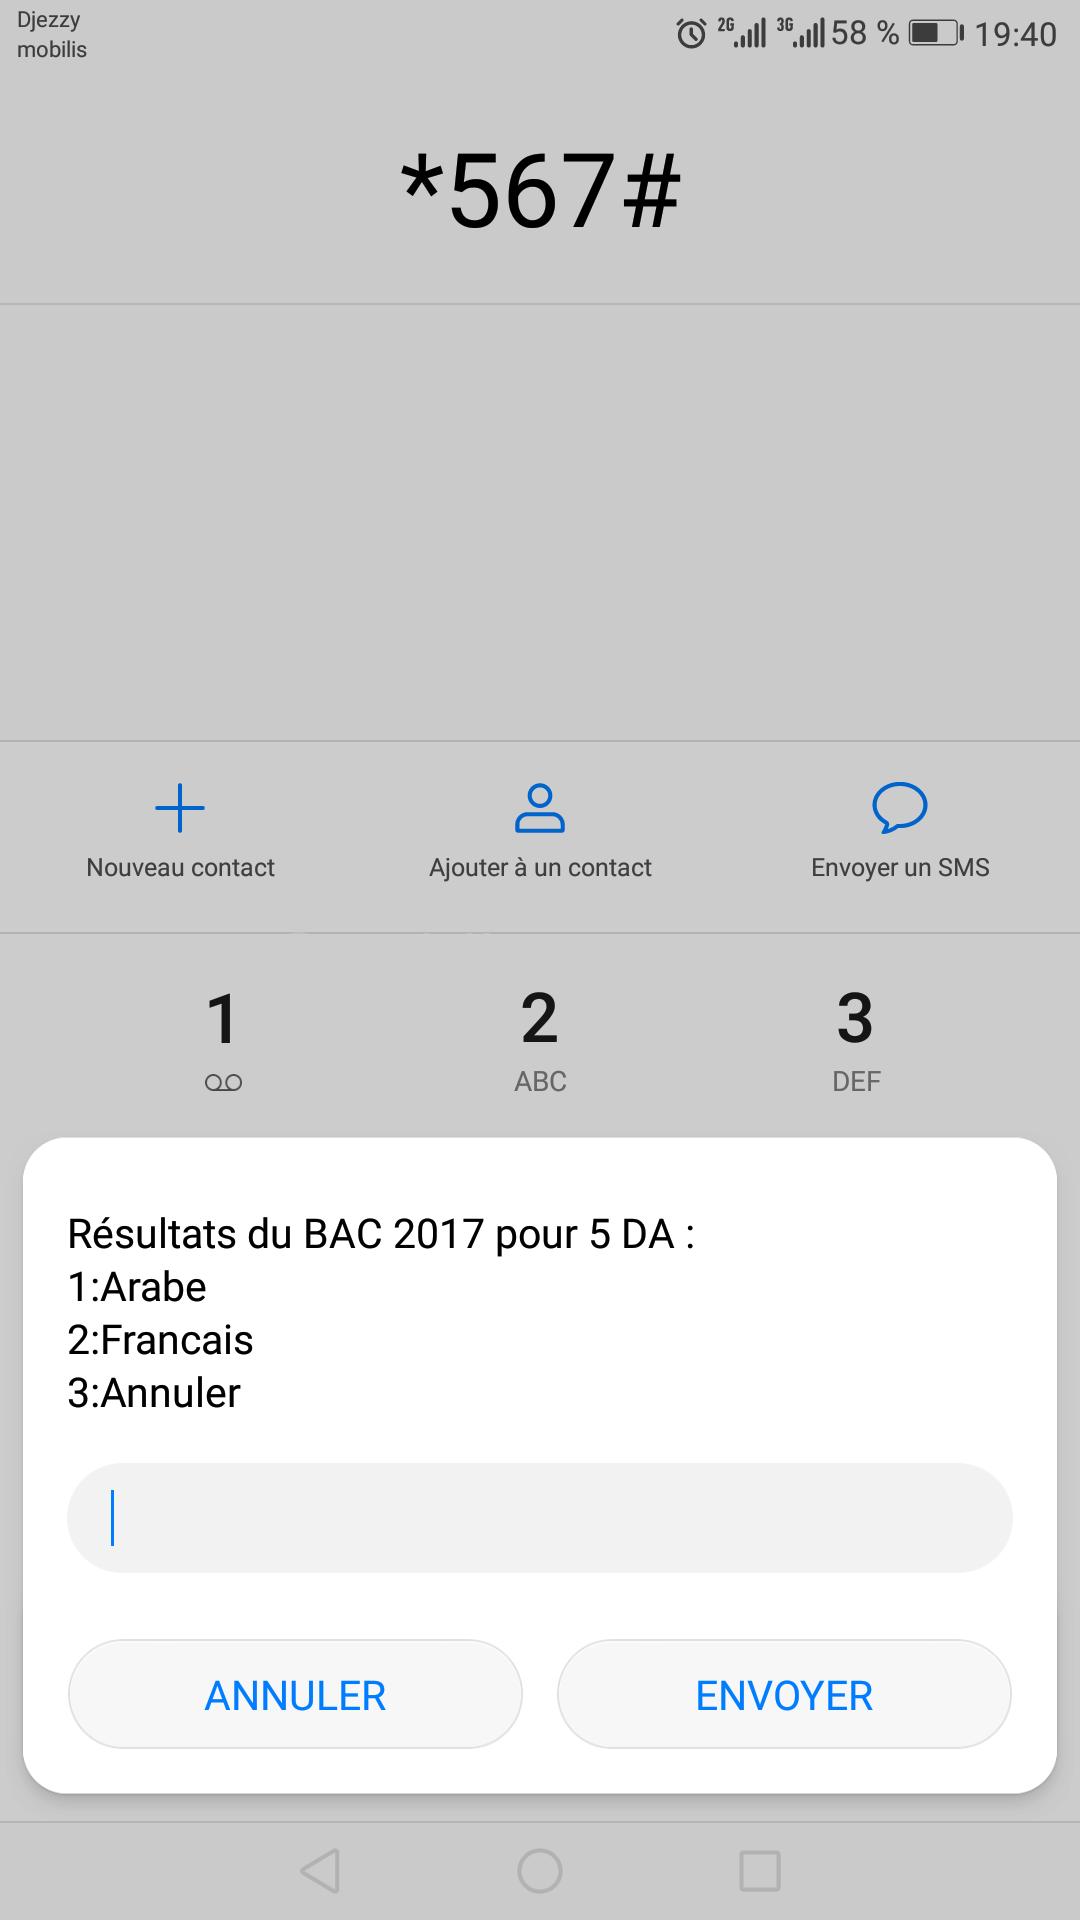 الاطلاع على نتائج بكالوريا 2018 عن طريق الأنترنيت وبالرسائل القصيرة SMS Results-bac-by-sms-1